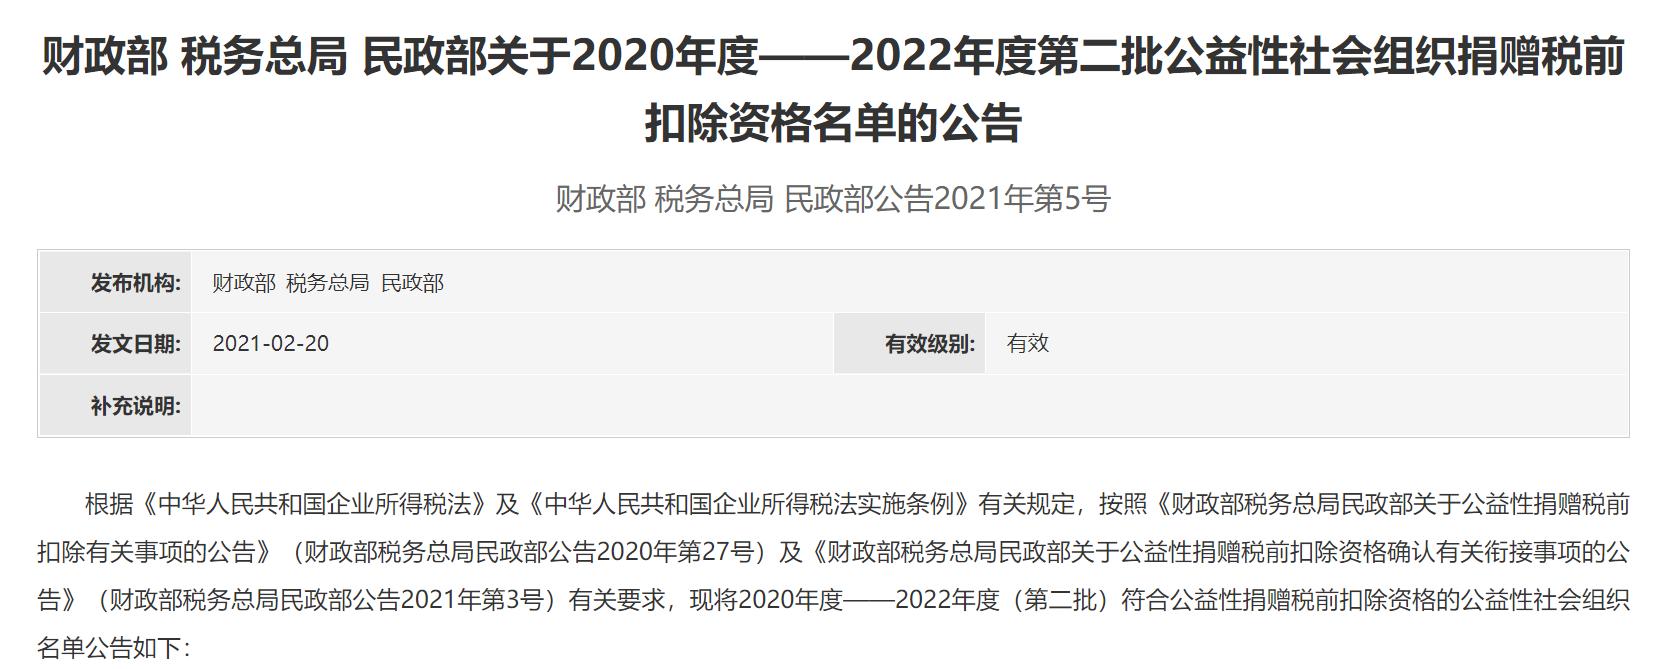 2022年度第二批公益性社会组织捐赠税前扣除资格名单的公告